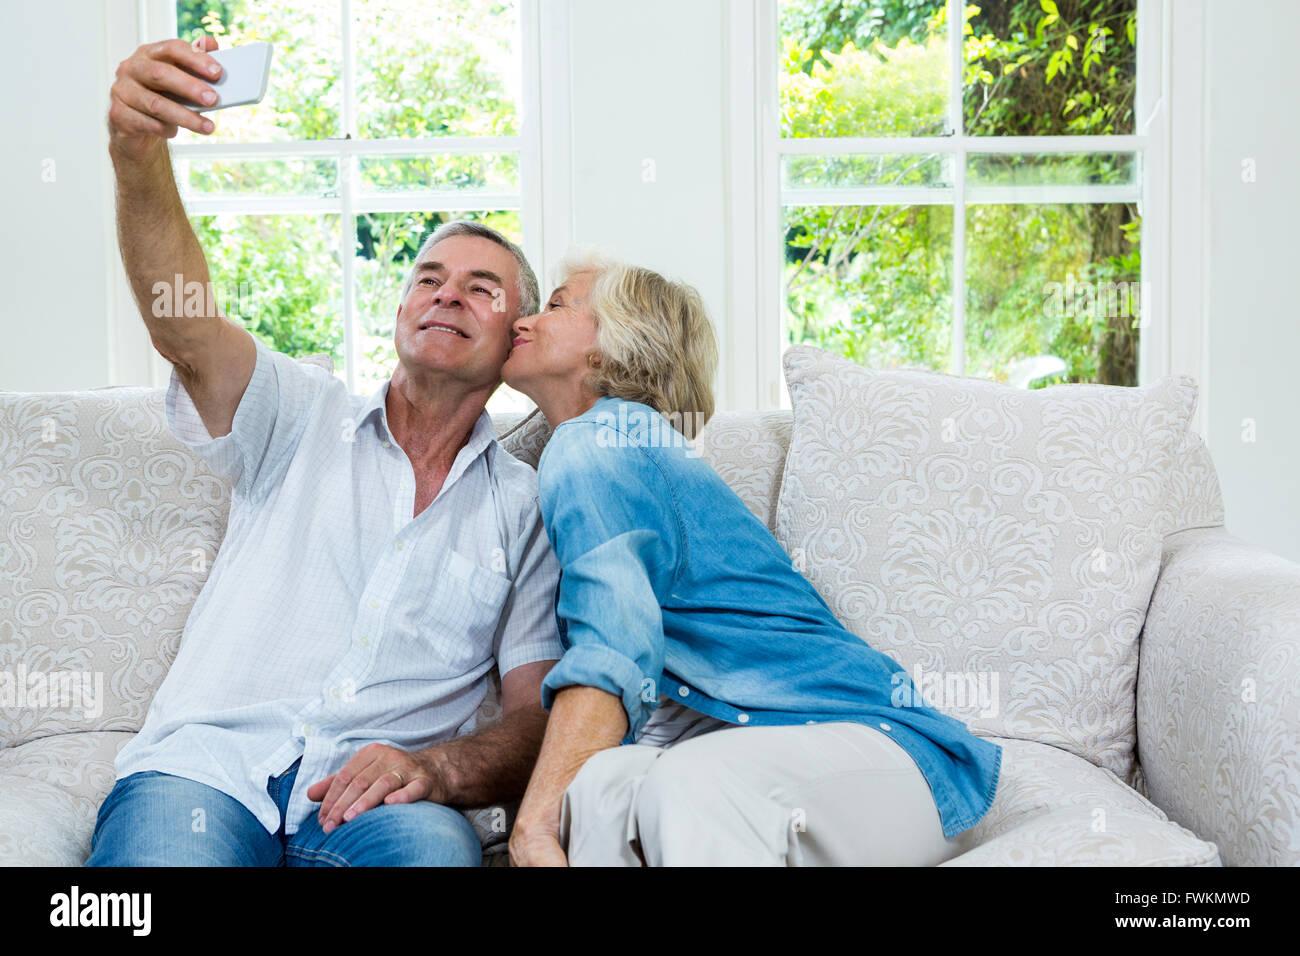 Senior woman kissing tandis que l'homme en tenant salon en selfies Banque D'Images